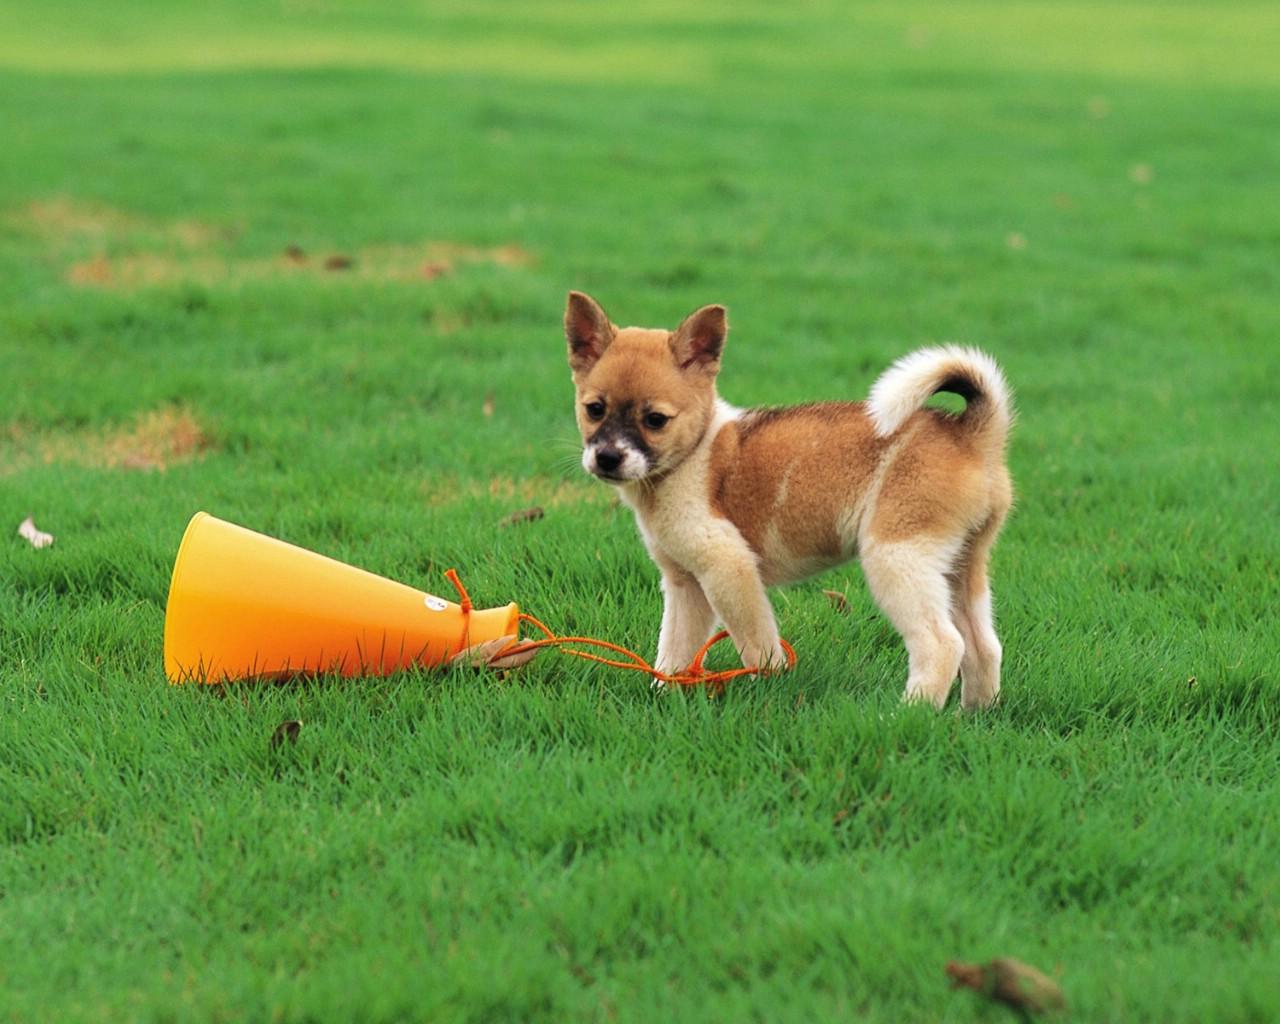 壁纸1280×1024可爱小狗狗壁纸